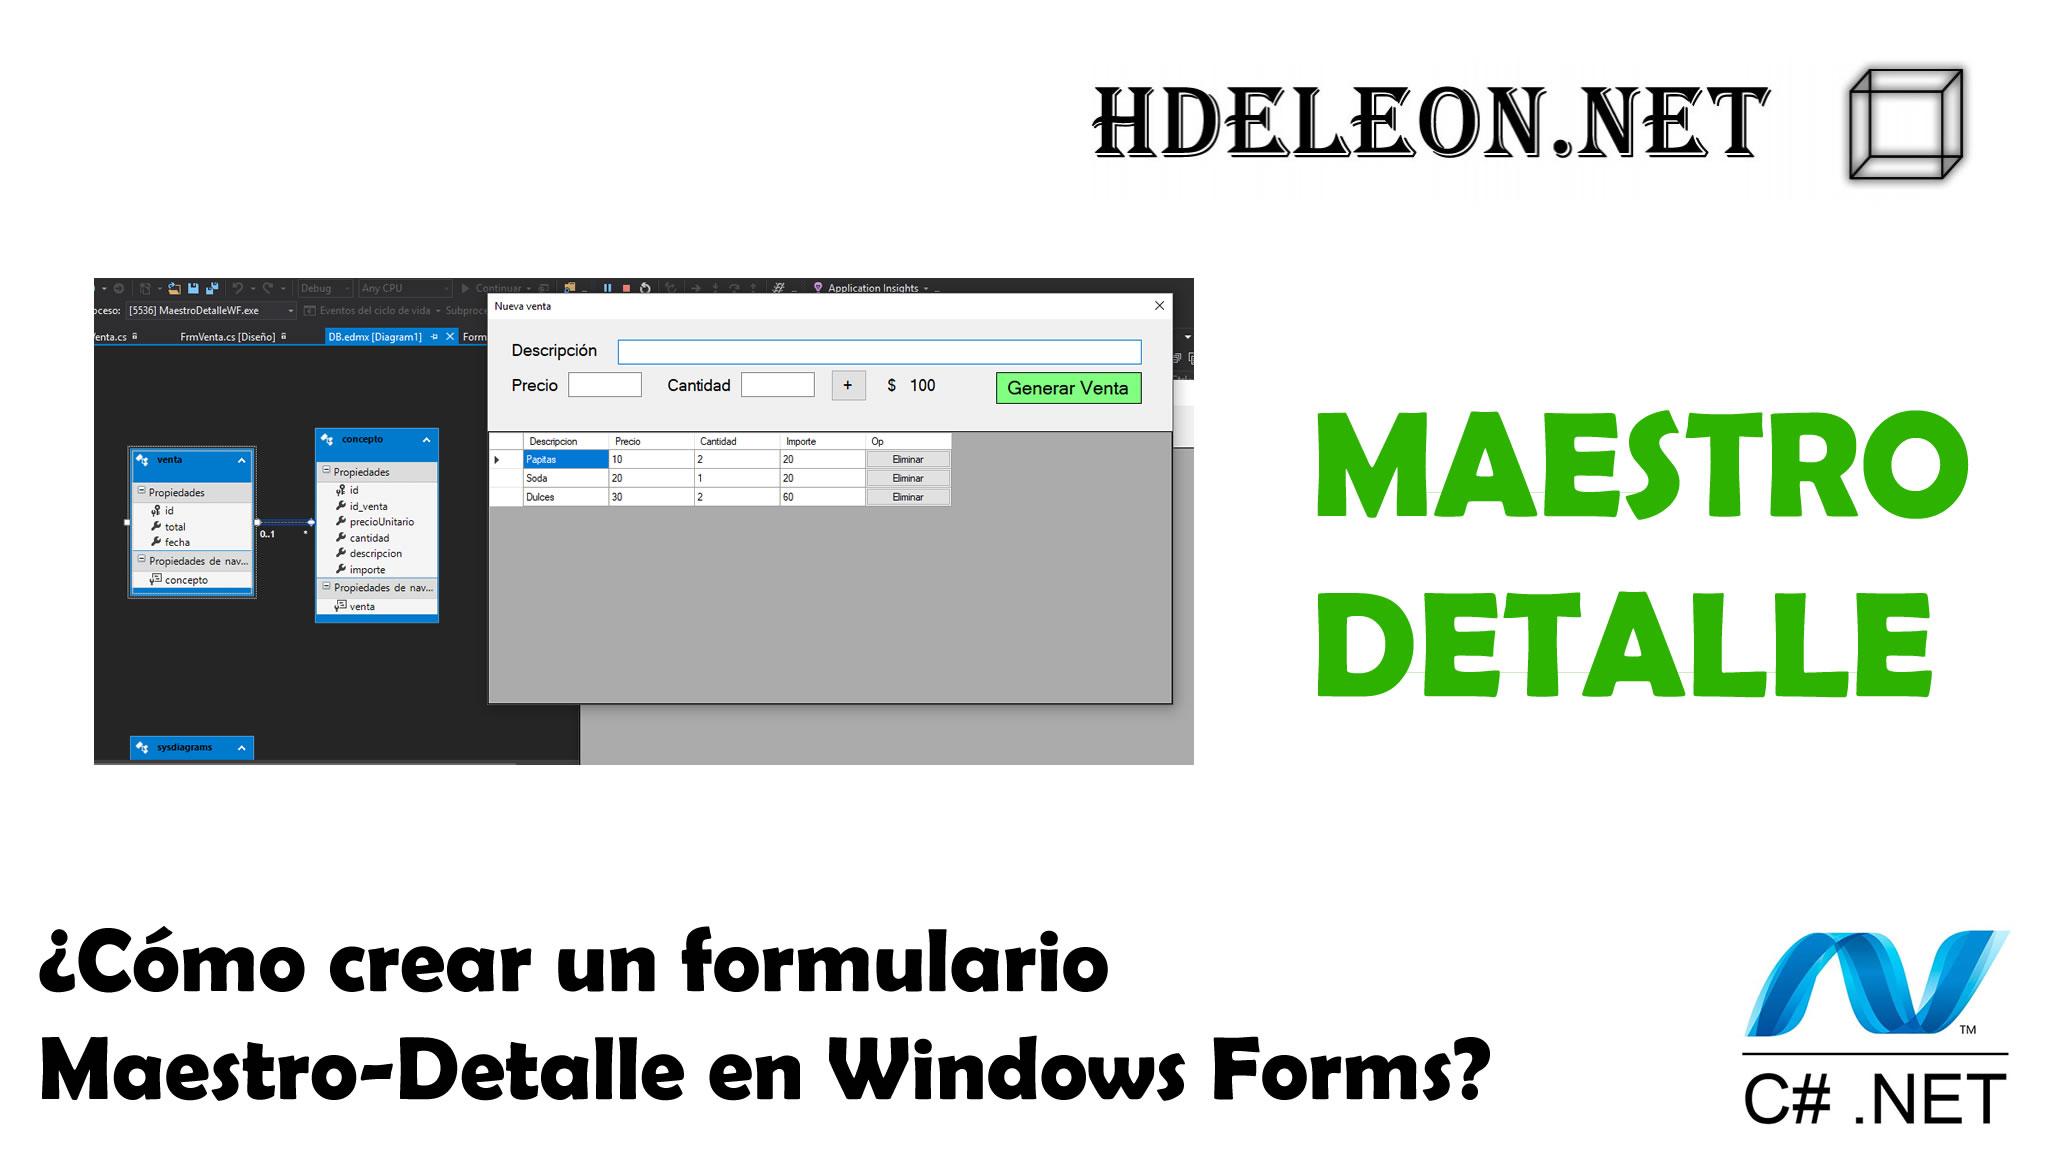 ¿Cómo crear un formulario Maestro Detalle en C# .Net Windows Forms?